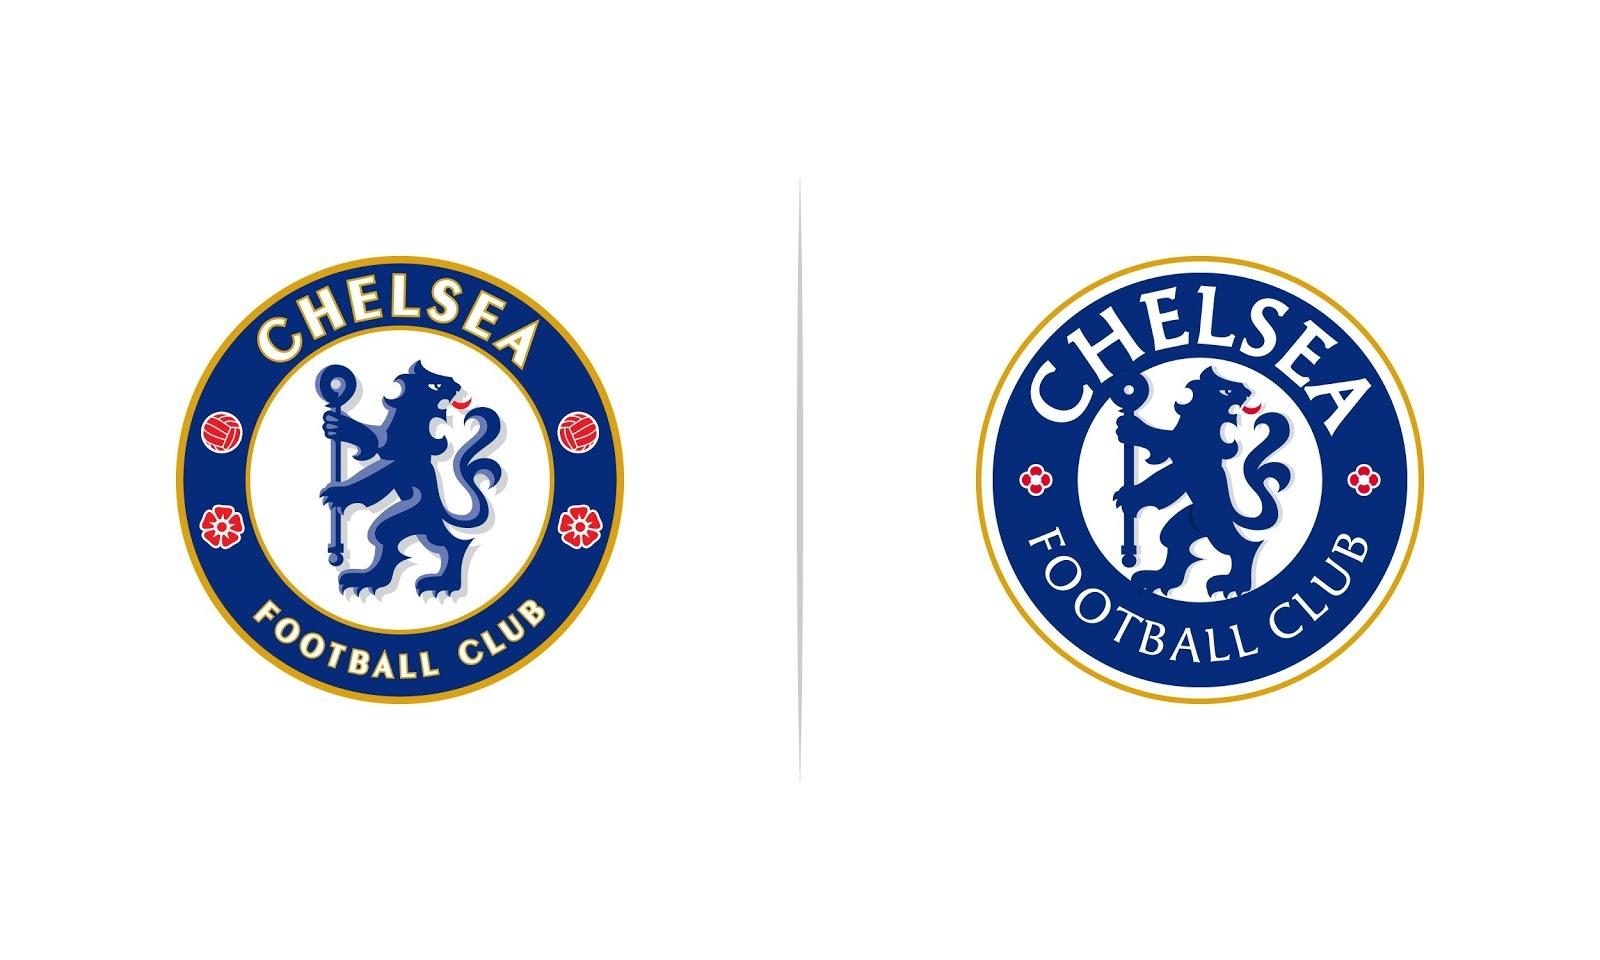 Челси: В «Челси» будет новая эмблема